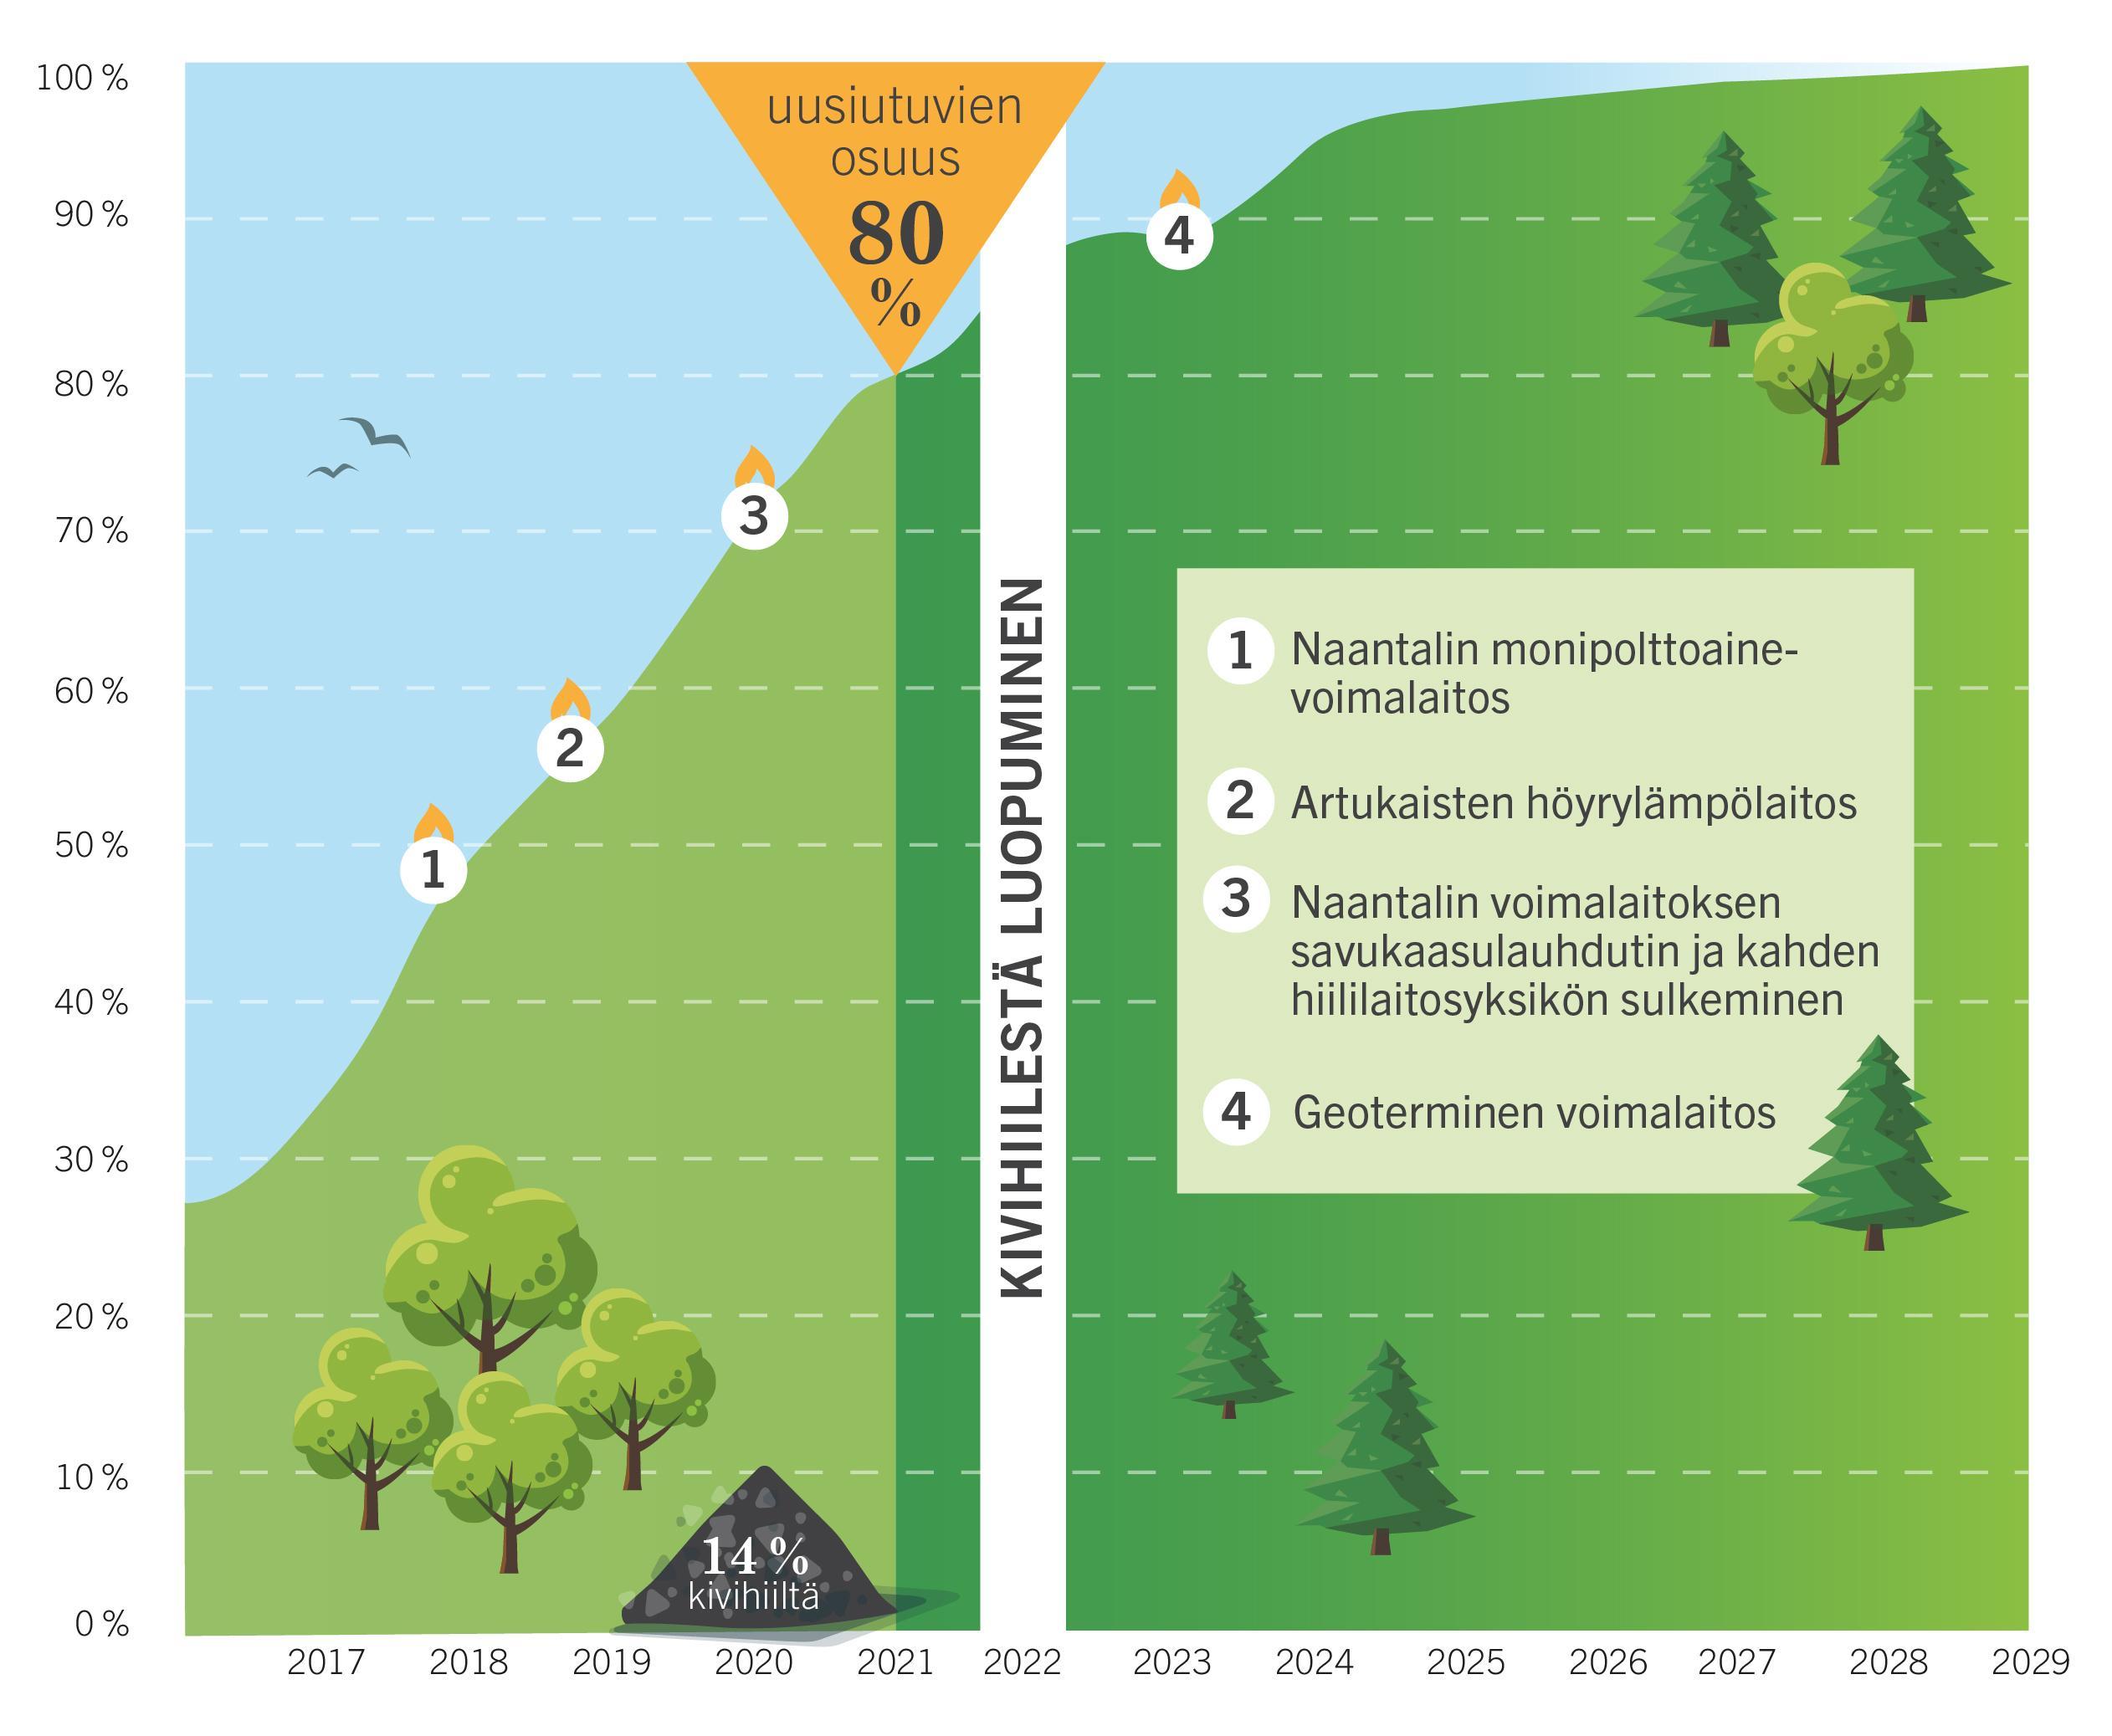 Turku Energian uusiutuvien osuus kaukolämmössä vuosina 2017-2029 graafissa kuvattuna.